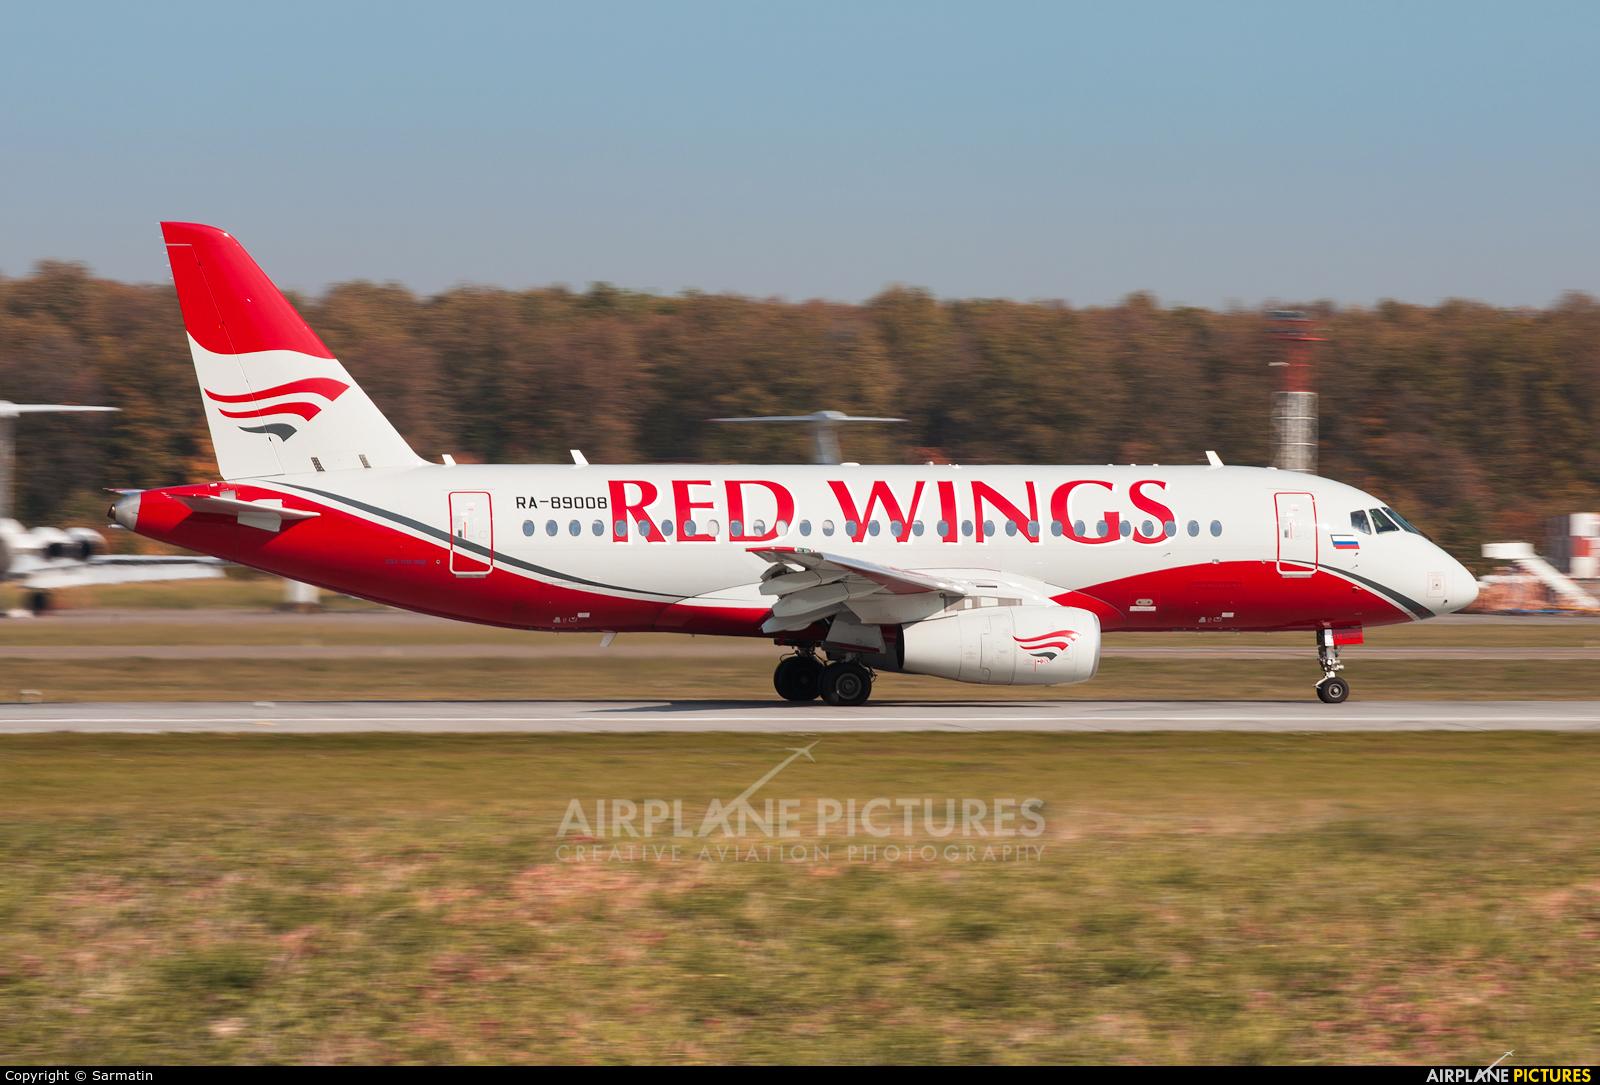 Red Wings RA-89008 aircraft at Kazan